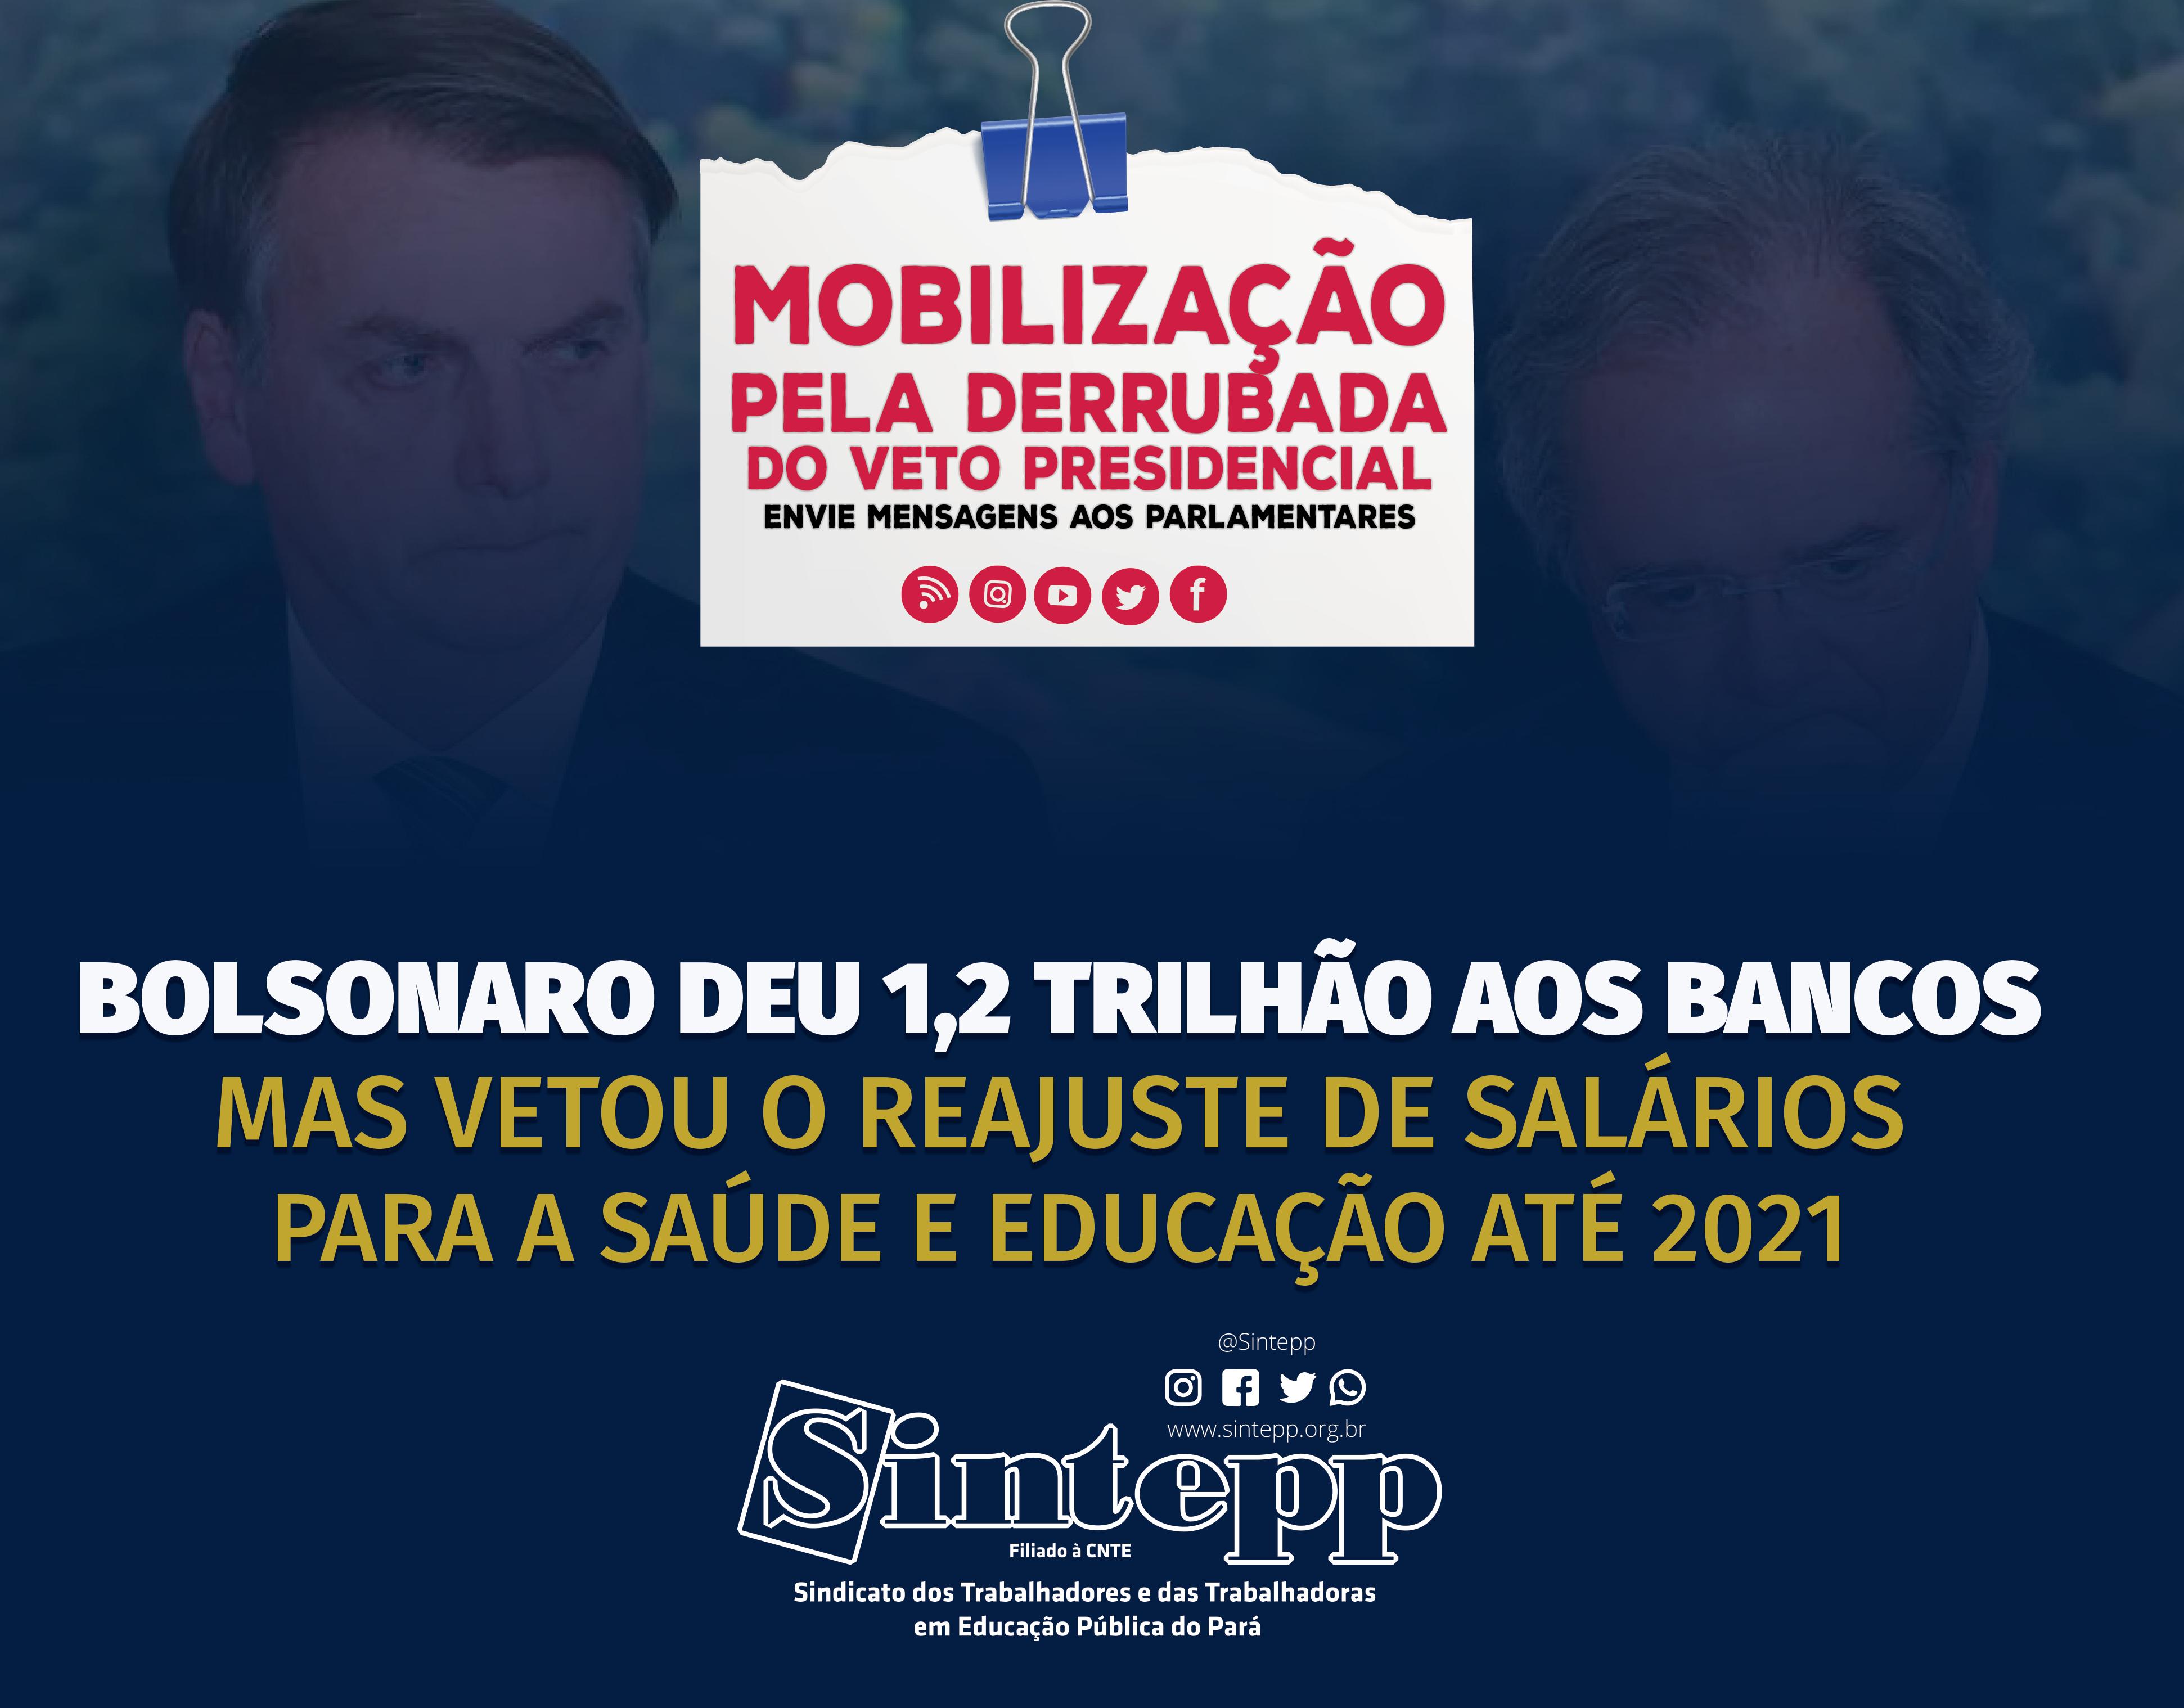 O Sintepp repudia o veto ao reajuste de salários da Saúde e Educação de Bolsonaro. Congelar salários não é a solução para combater à pandemia do coronavírus!